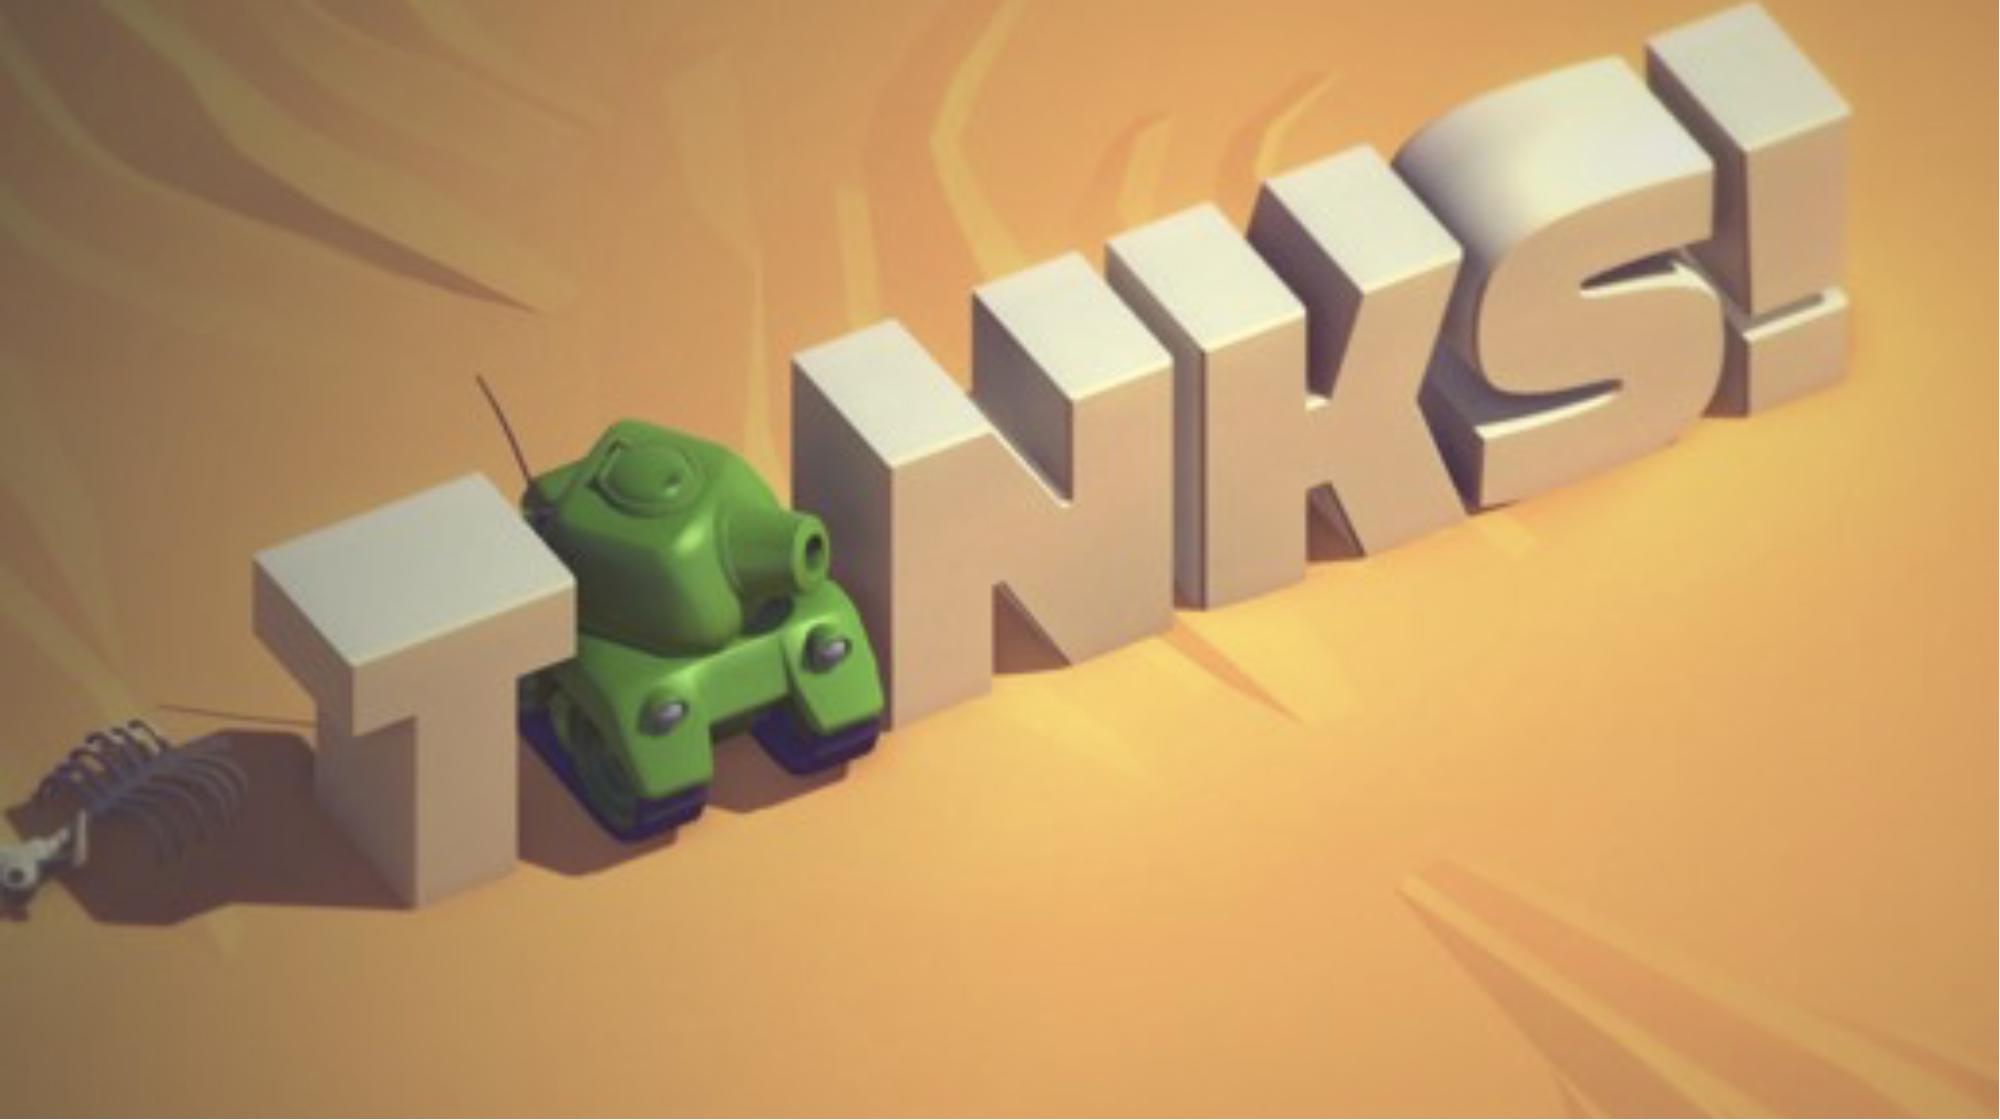 Tanks! DM